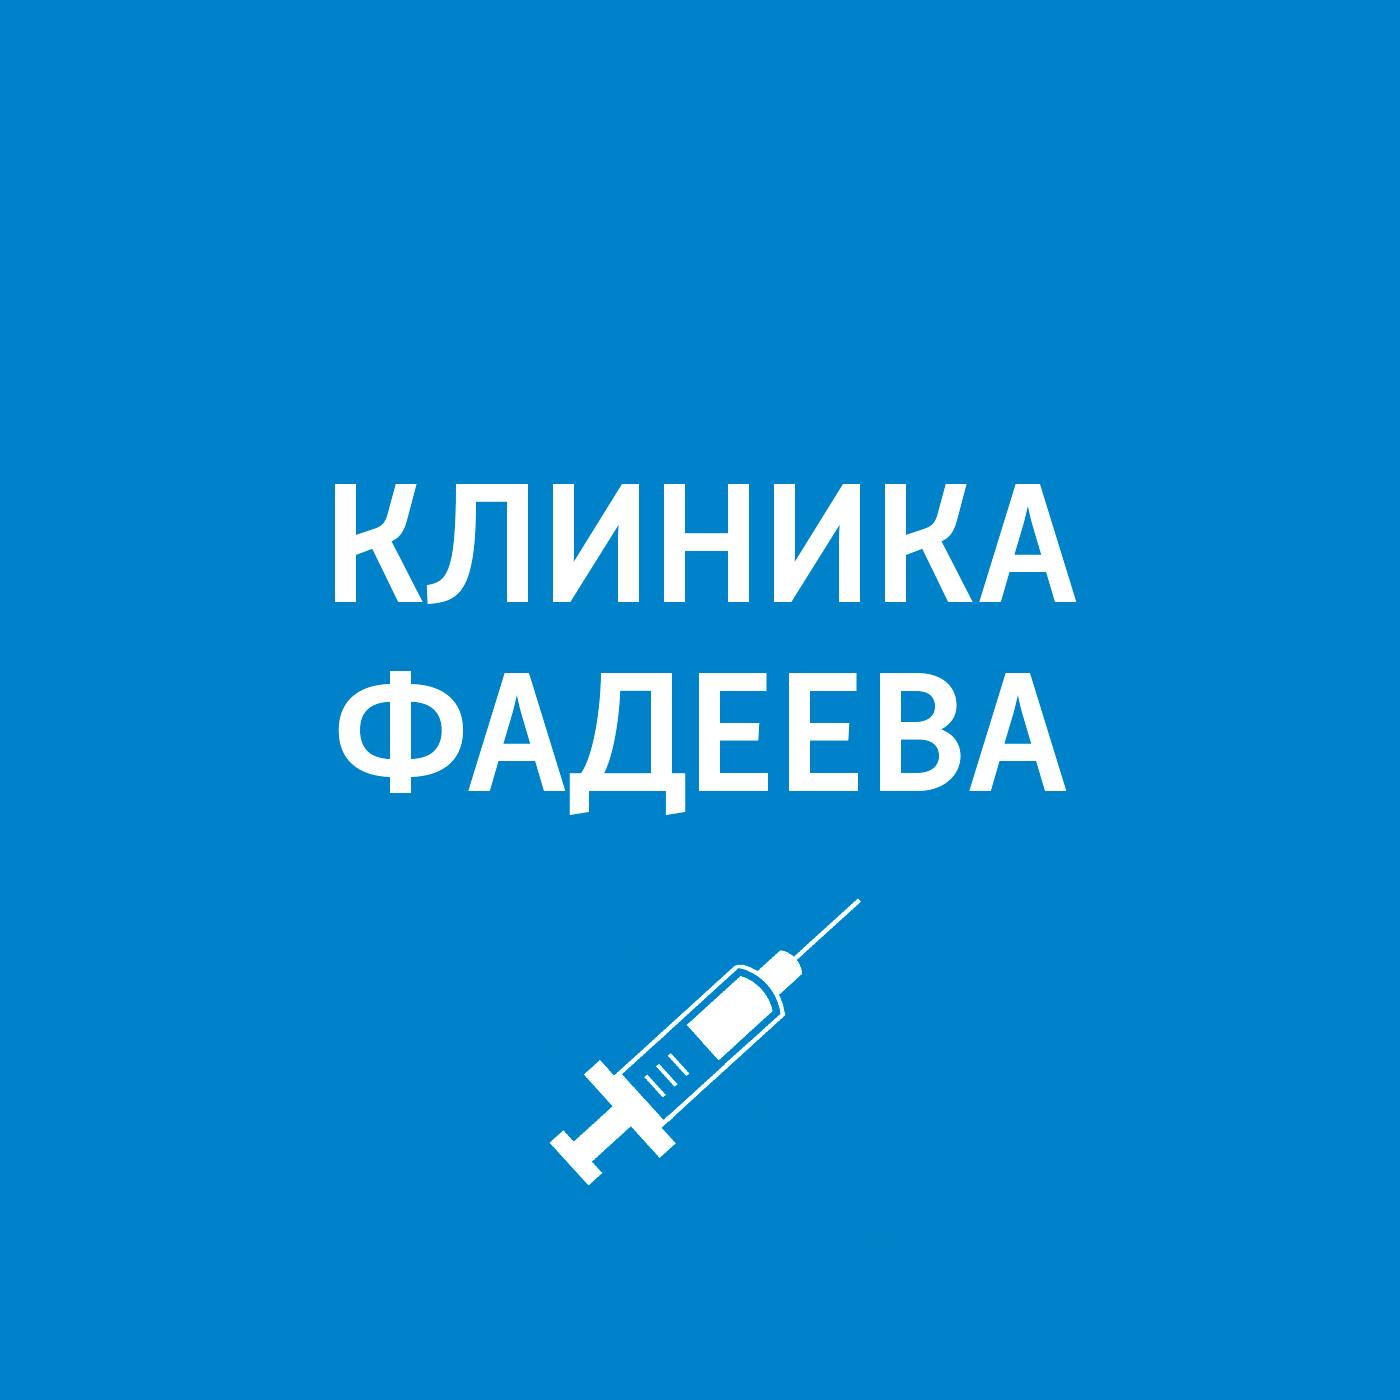 Пётр Фадеев Послепраздничные последствия алкоголя